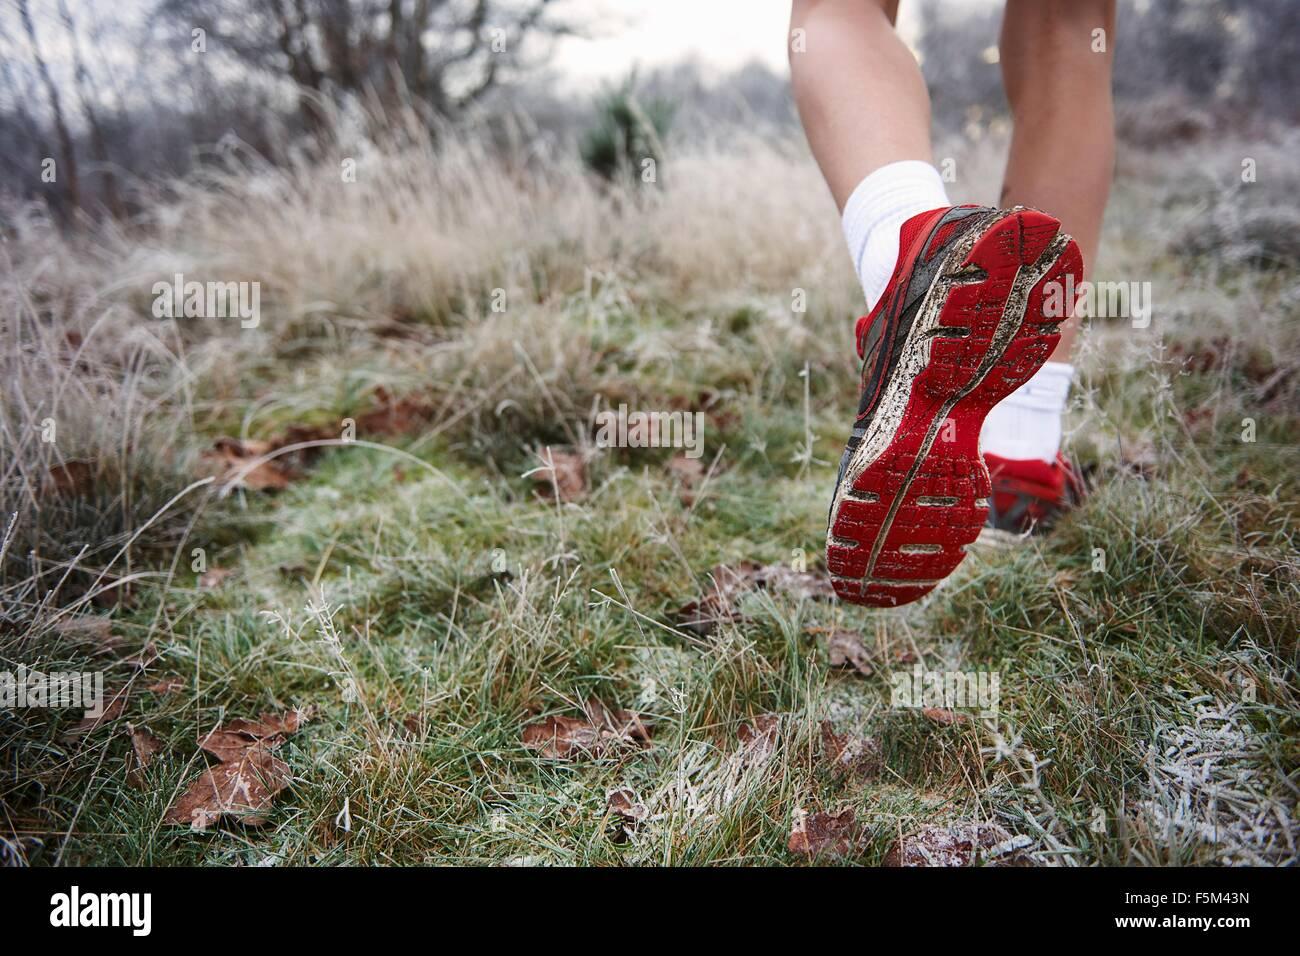 Vista trasera de los adolescentes varones en las piernas, el pie levantado, suela de zapato Foto de stock